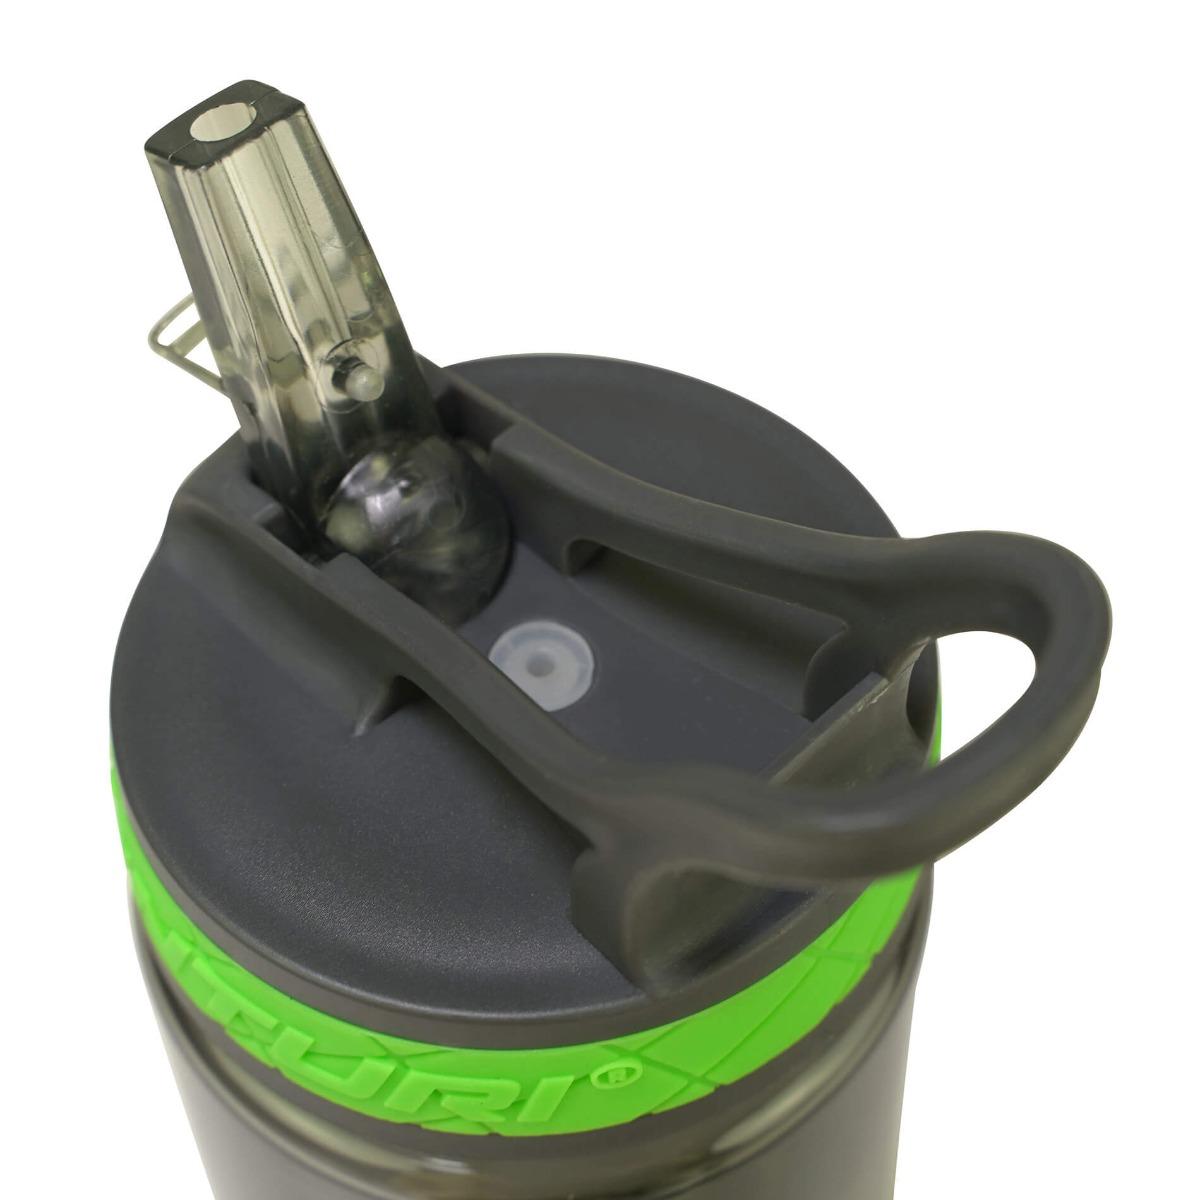 TUNTURI WATERFLES / BIDON DE LUXE - 600 ML MET DRINKTUIT - jokasport.nl